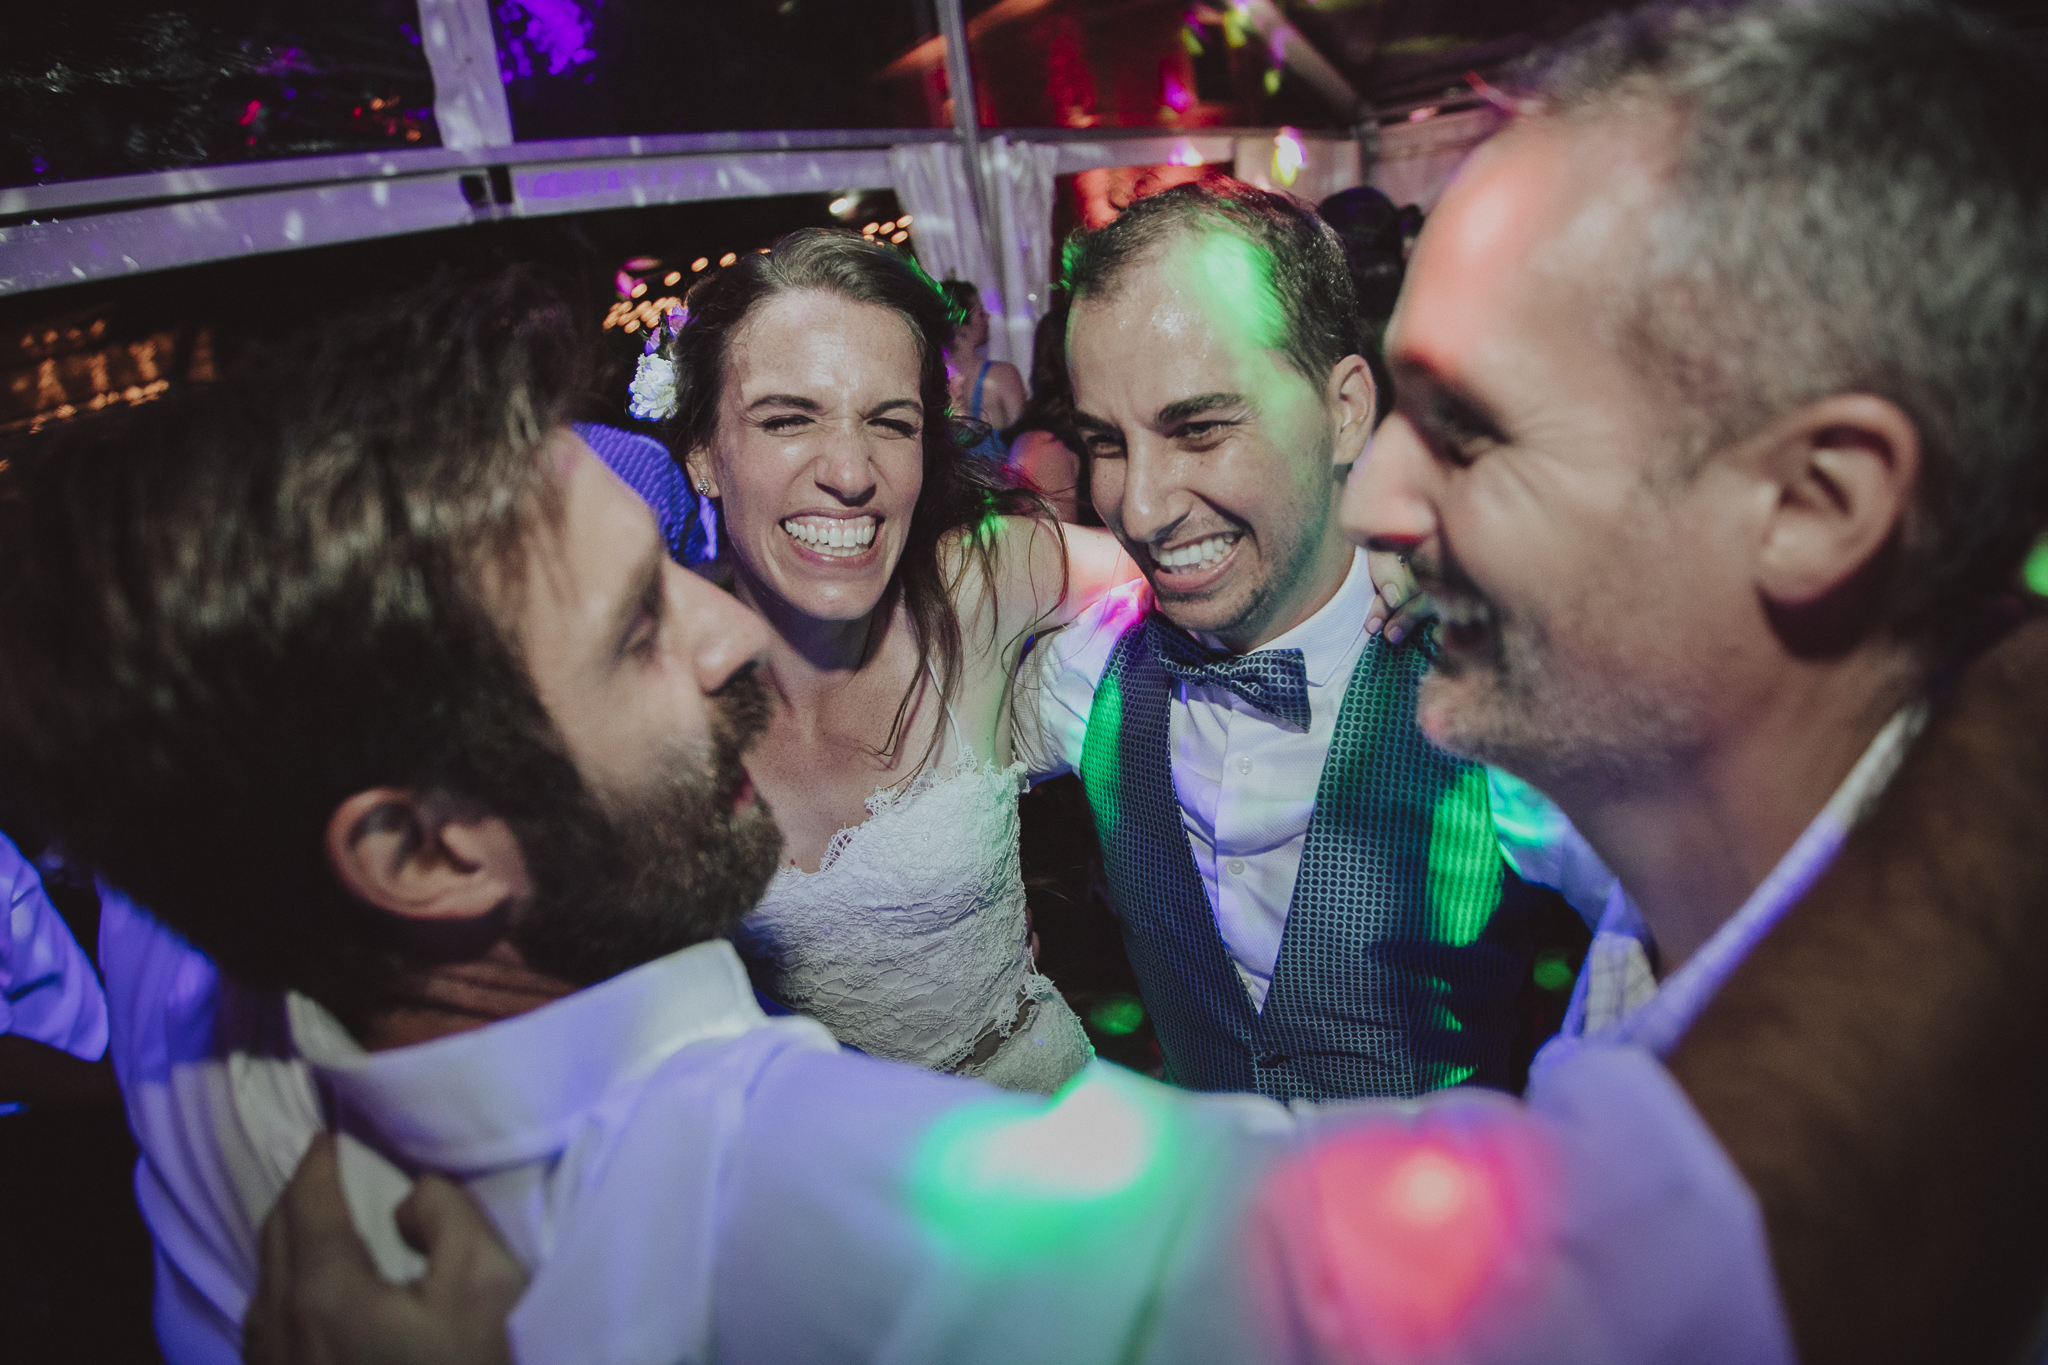 una boda diferente - bodas unicas - fotografia de bodas uruguay - ma98